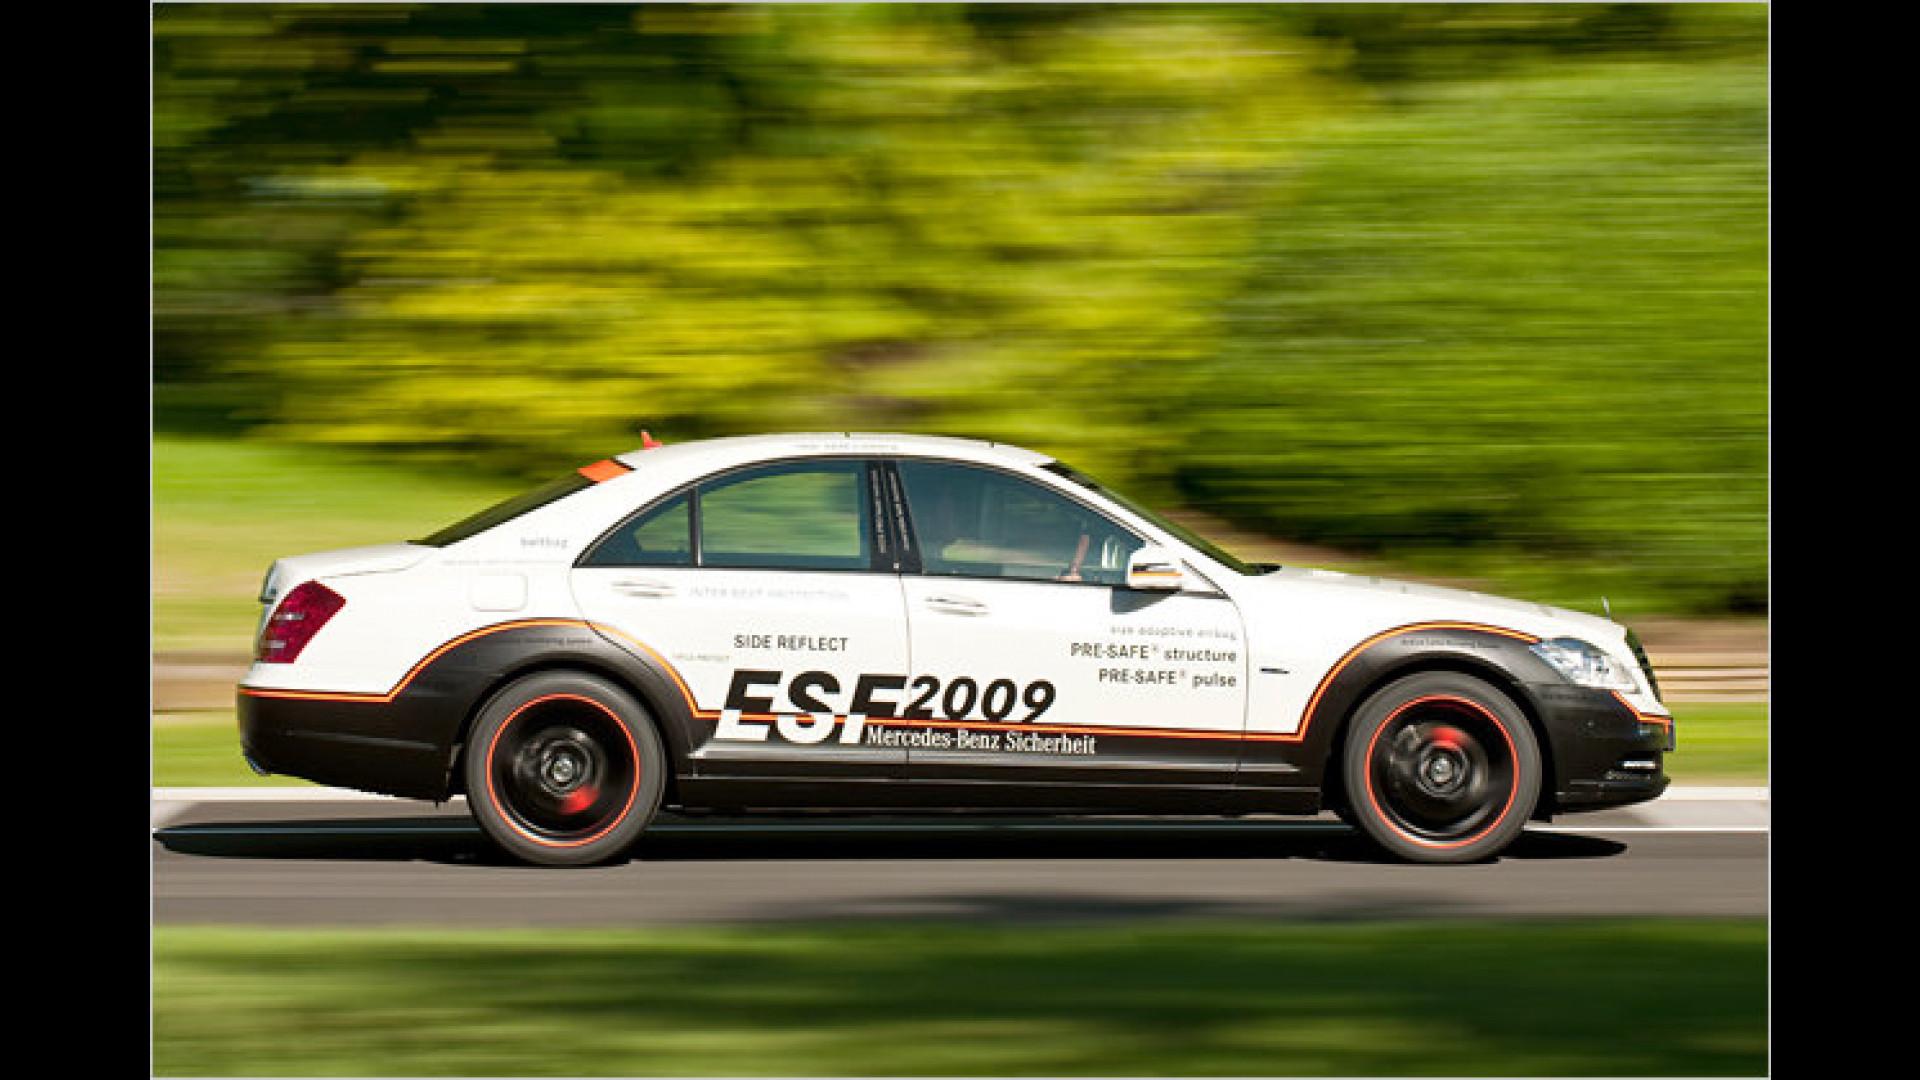 Geballte Sicherheit an Bord Das ESF 2009 von Mercedes